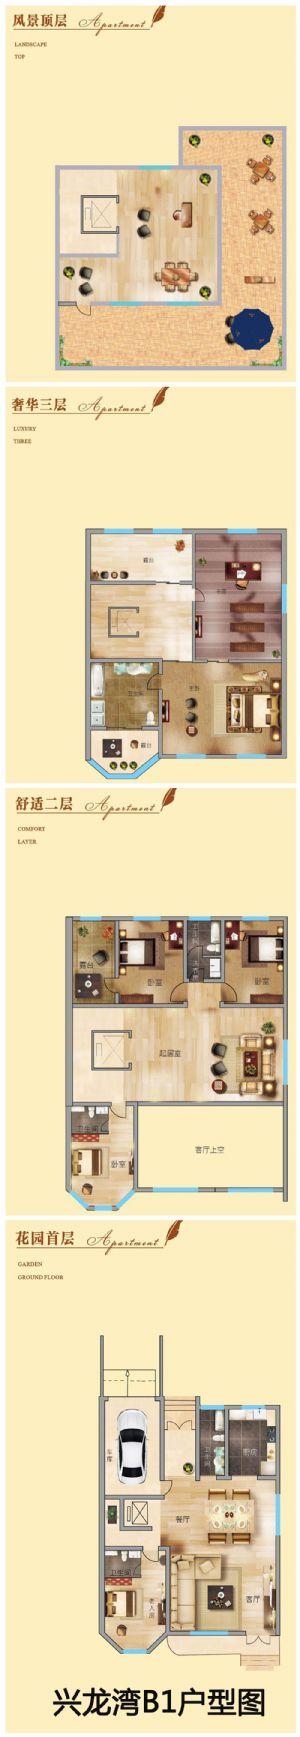 兴龙湾B1户型图-室厅卫厨-户型图